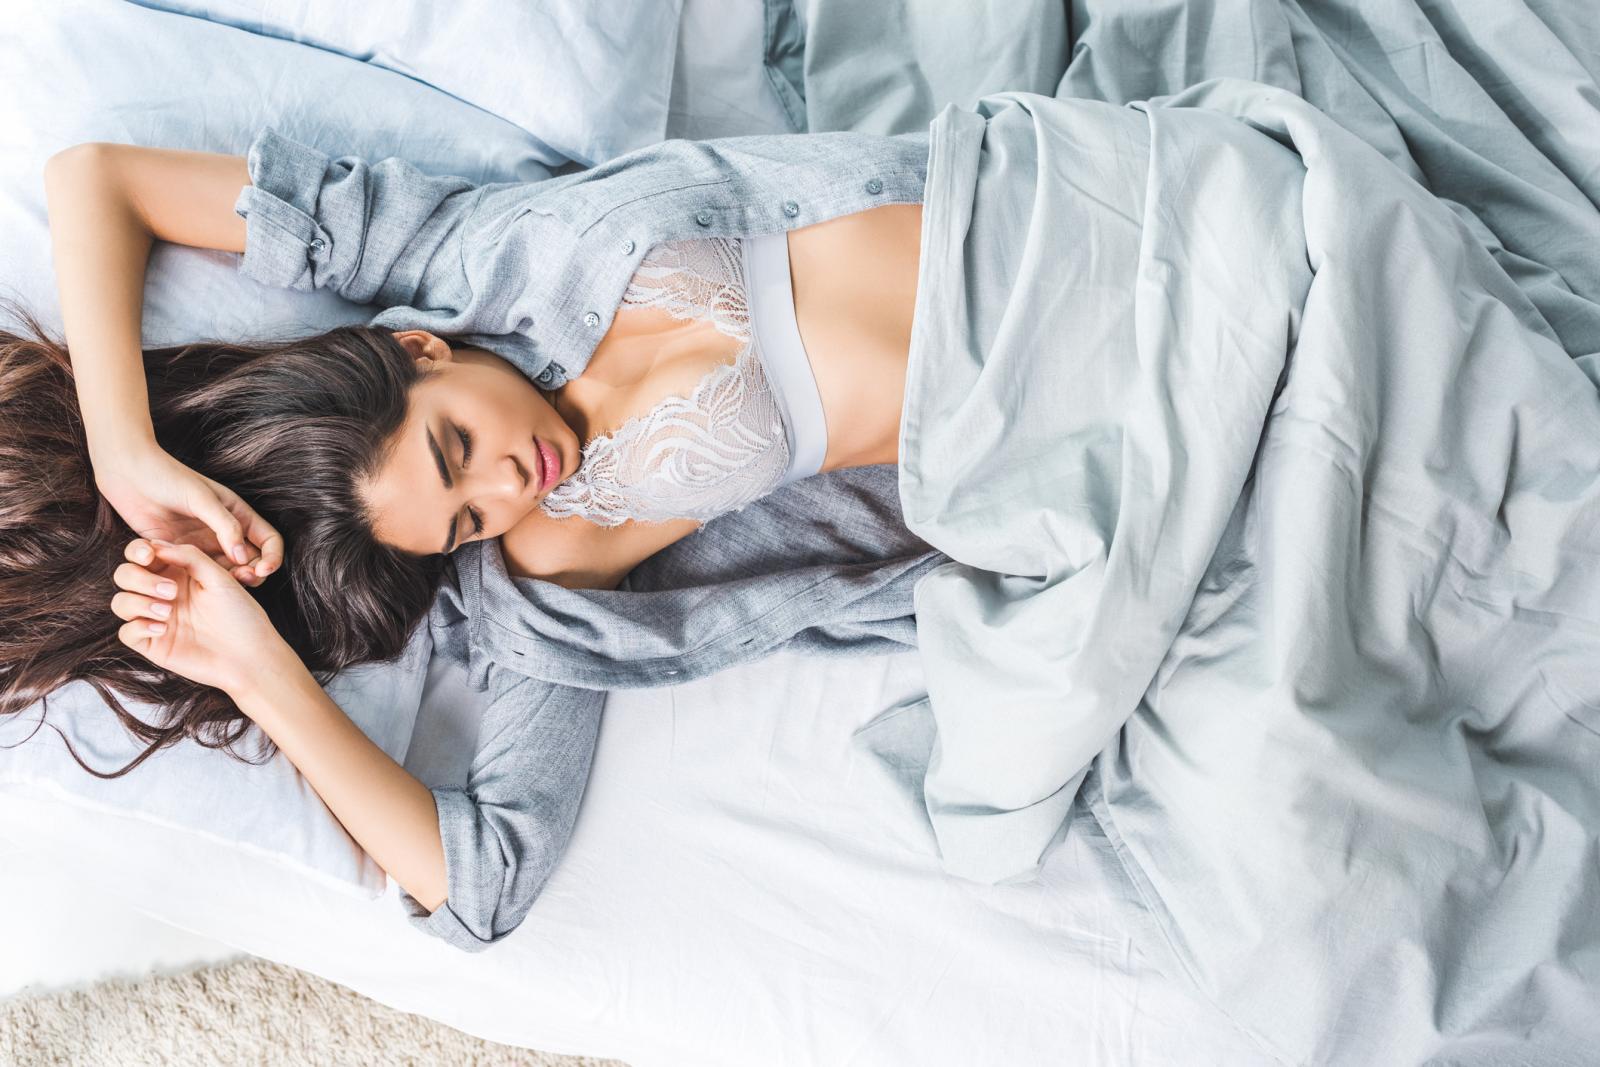 Tablete za spavanje, lijekovi protiv žgaravice, antipsihotici, citostatici i mnogi drugi isto tako uzrokuju različita oštećenja crijevne flore.